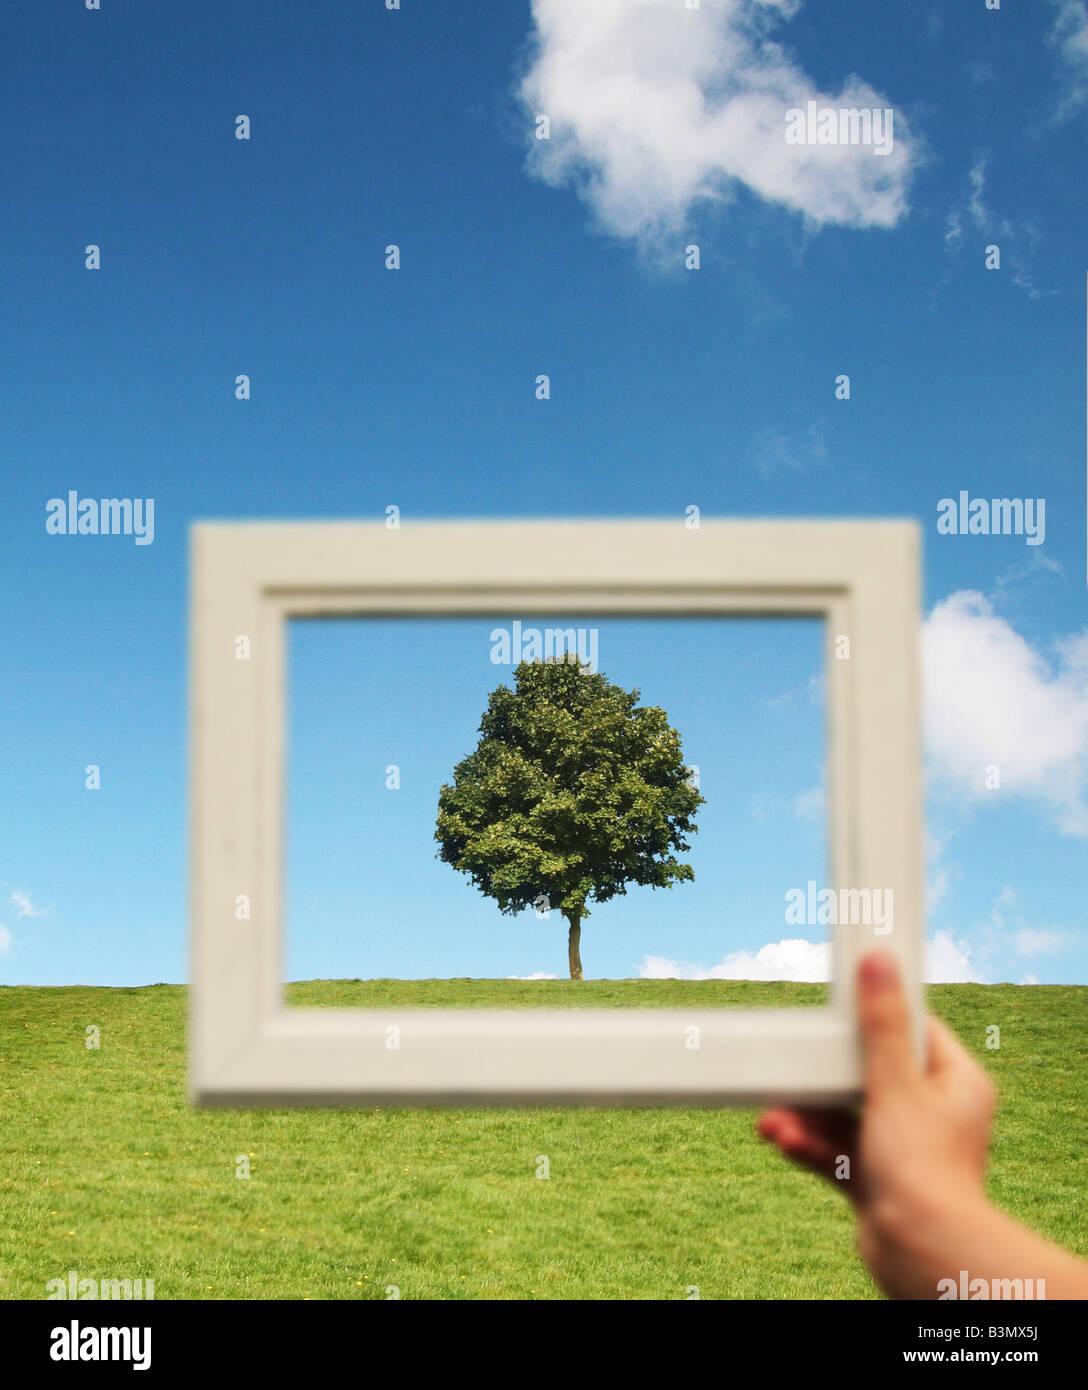 Girl holding un cadre photo en face d'un arbre Photo Stock